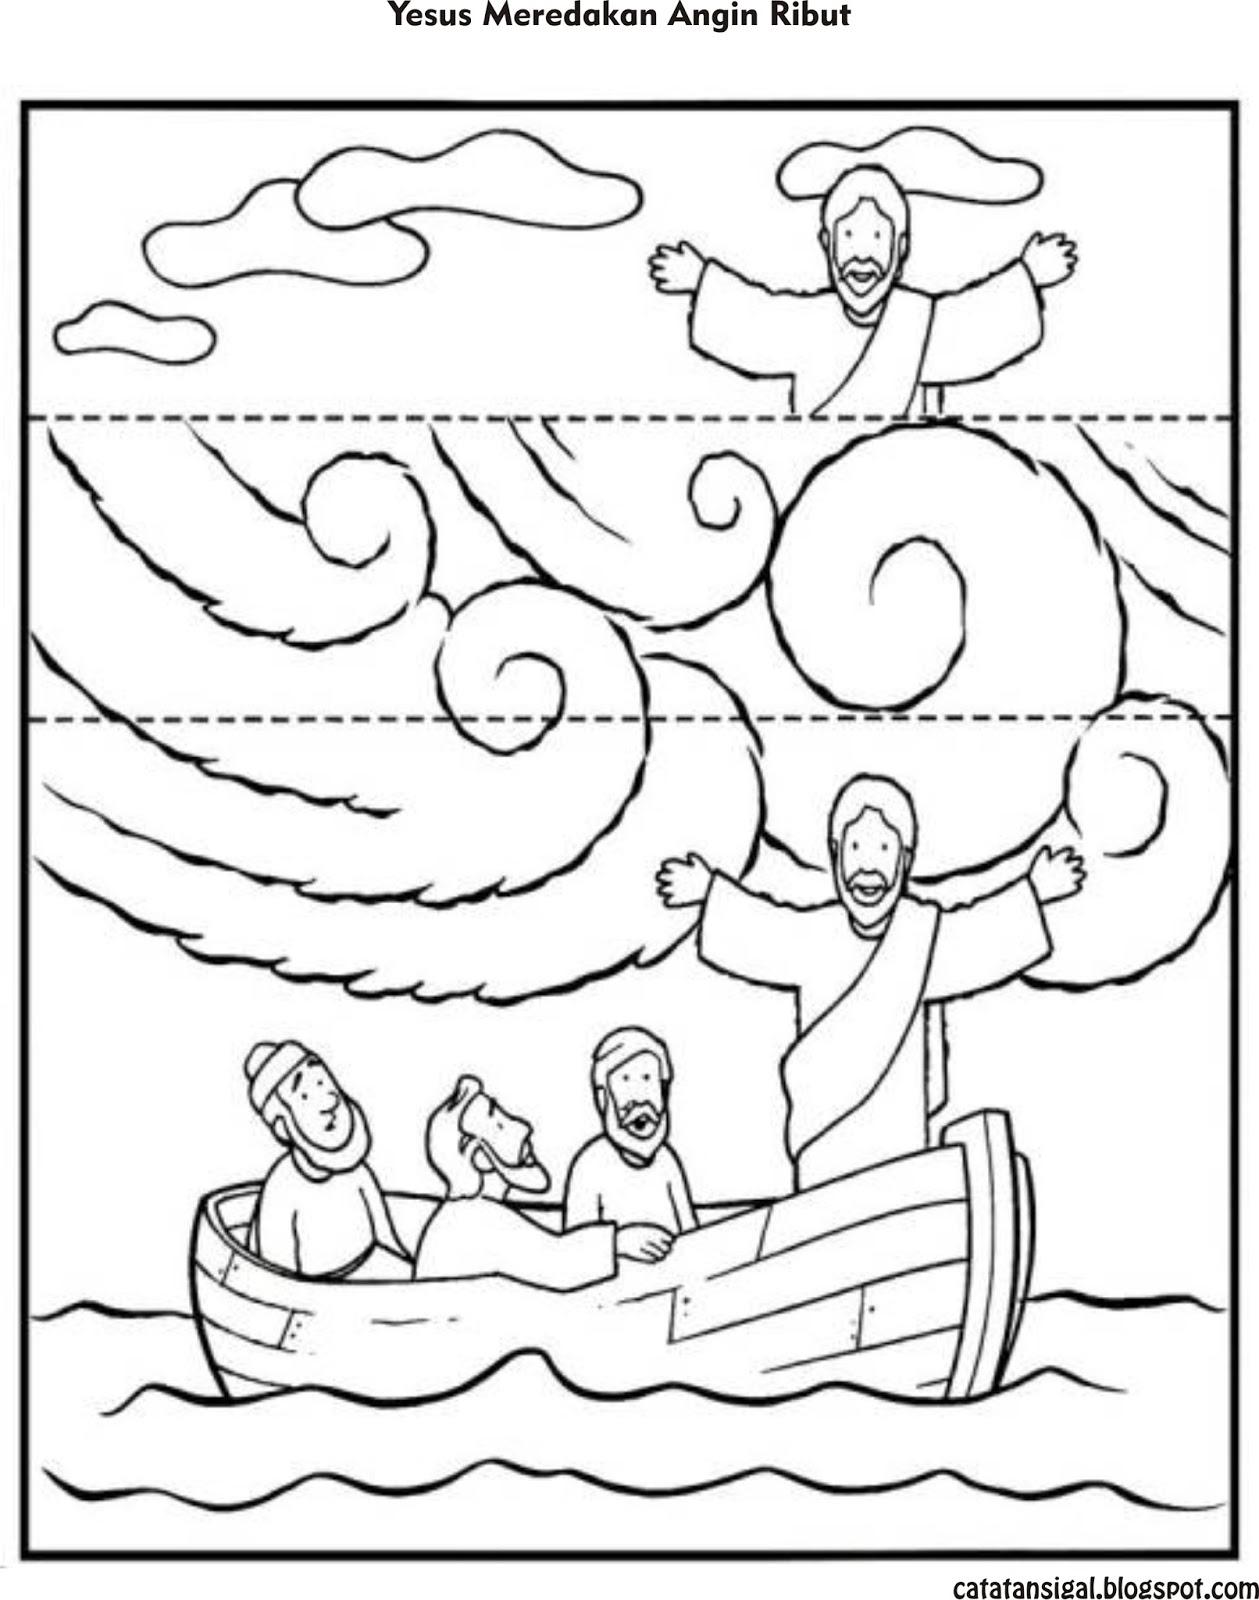 100 [ Gambar Kartun Anak Sekolah Minggu ]